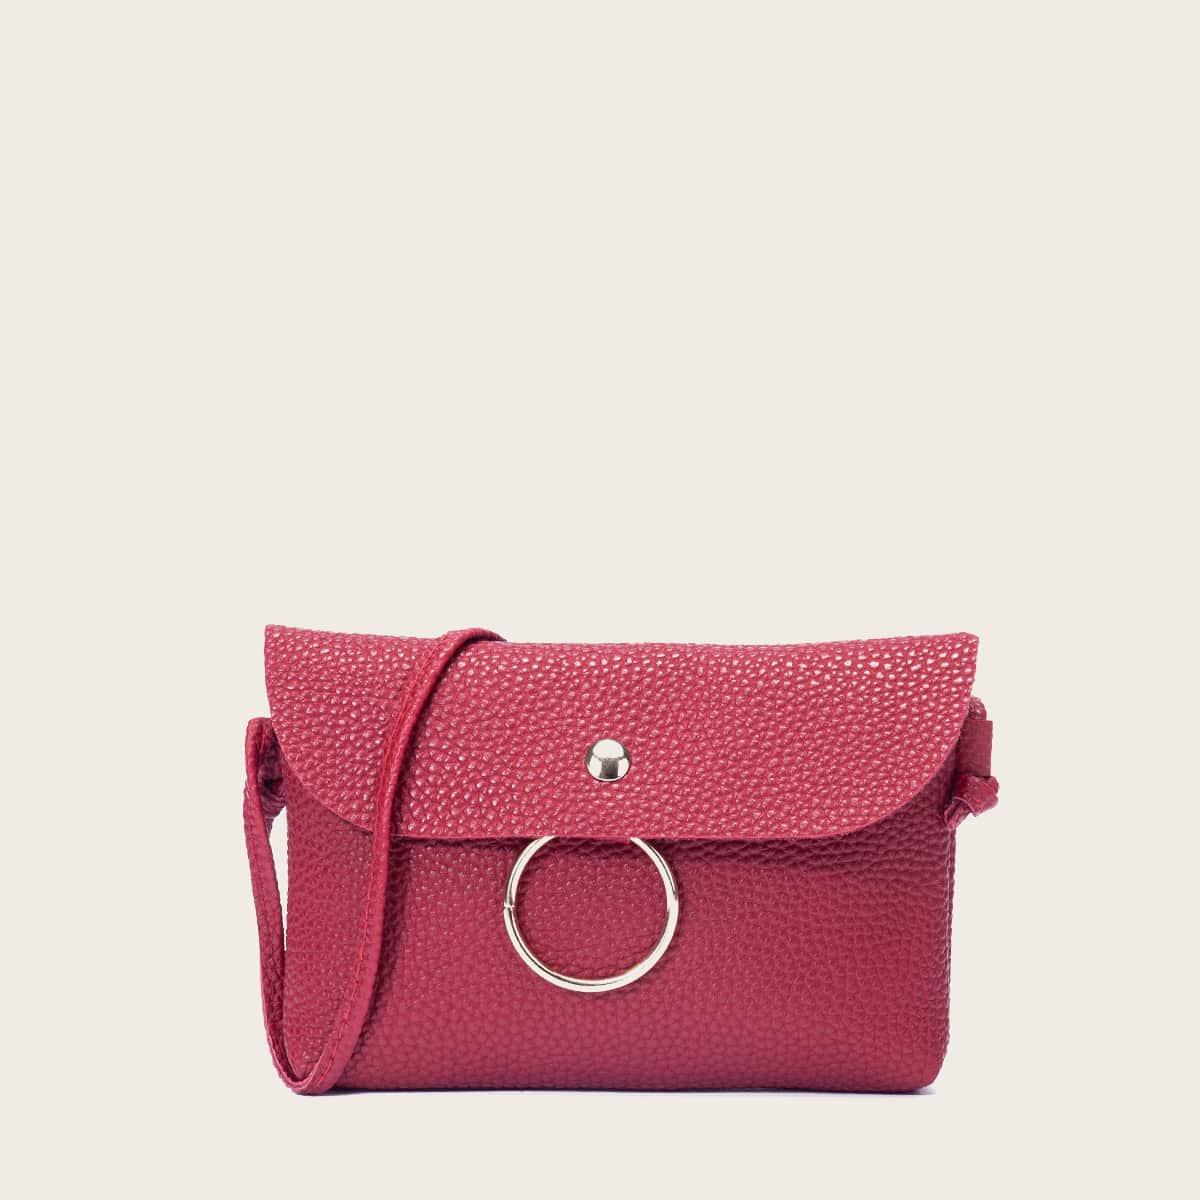 Bolsa bandolera con solapa con diseño de guijarro